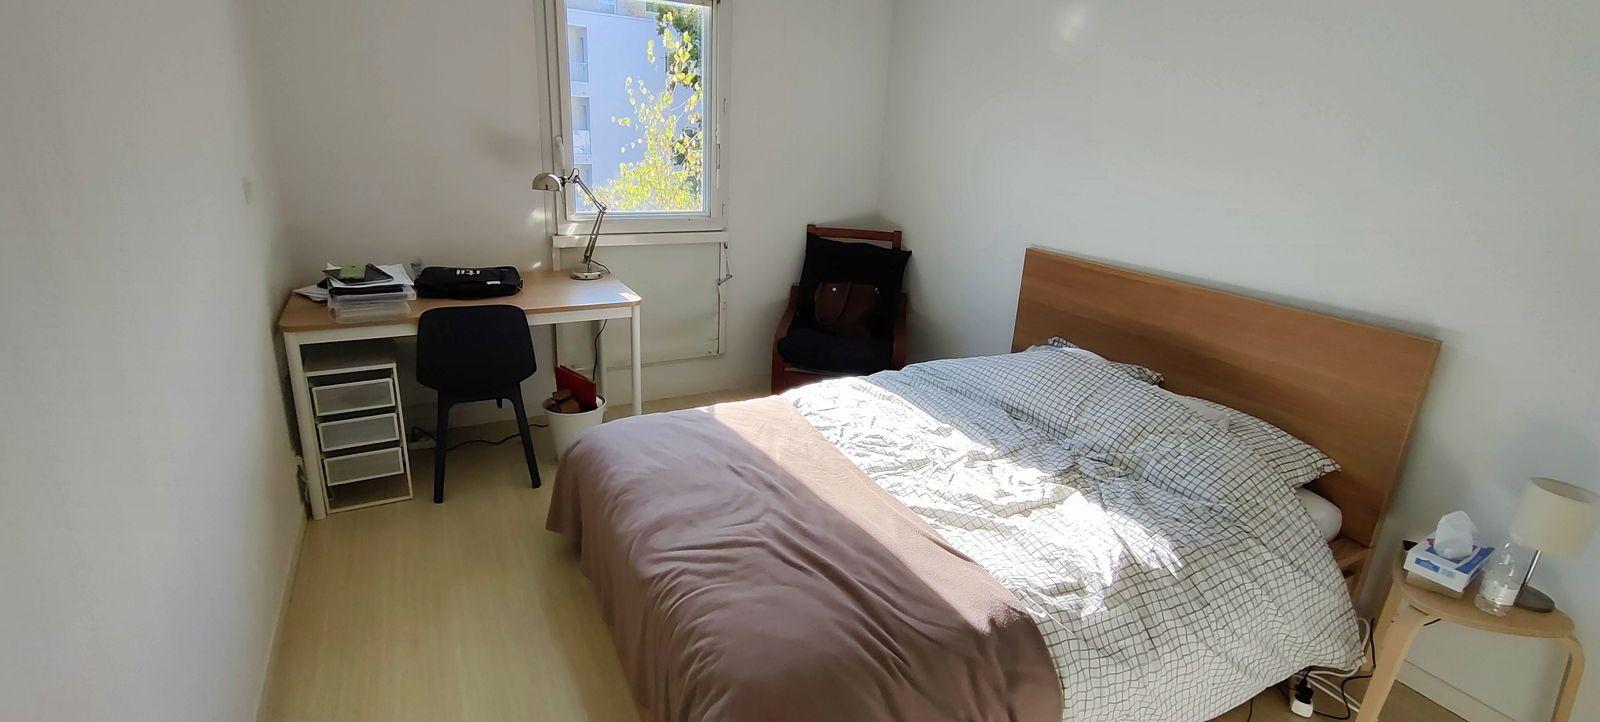 Colocation étudiante - 38m² - 2chambres à 450€/mois/chambre